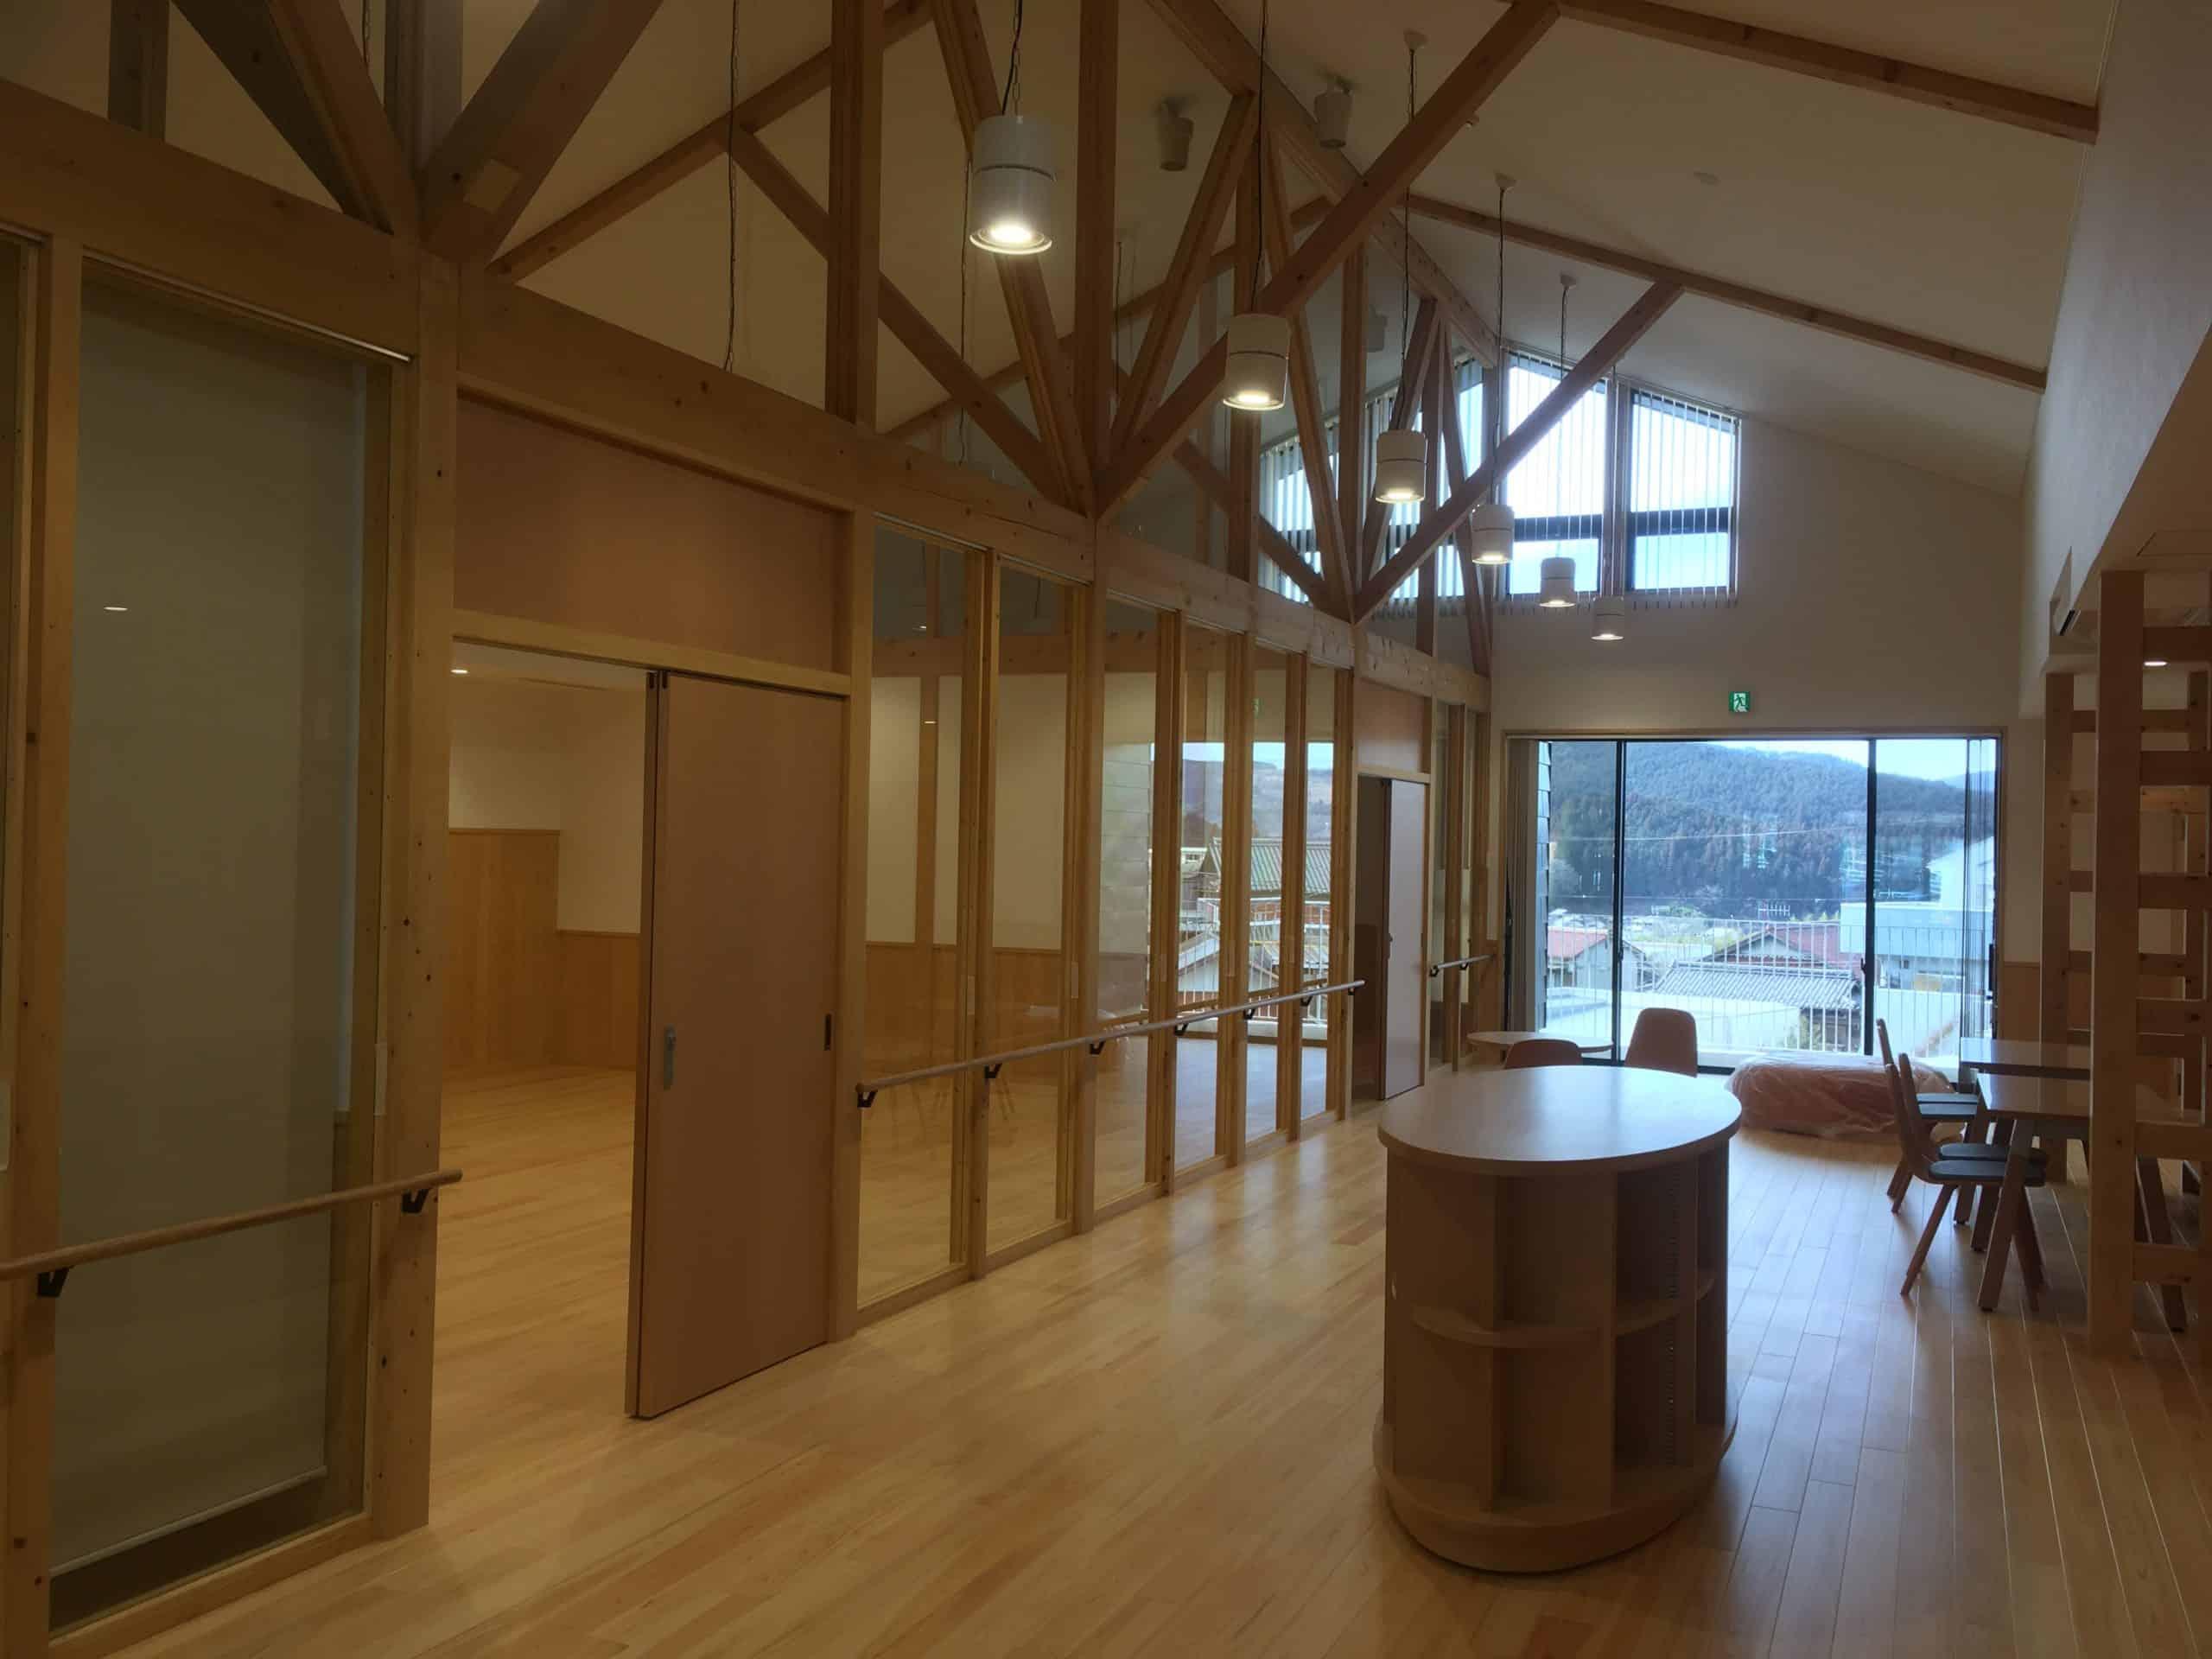 「交流センター 中大規模木造」もうすぐ完成